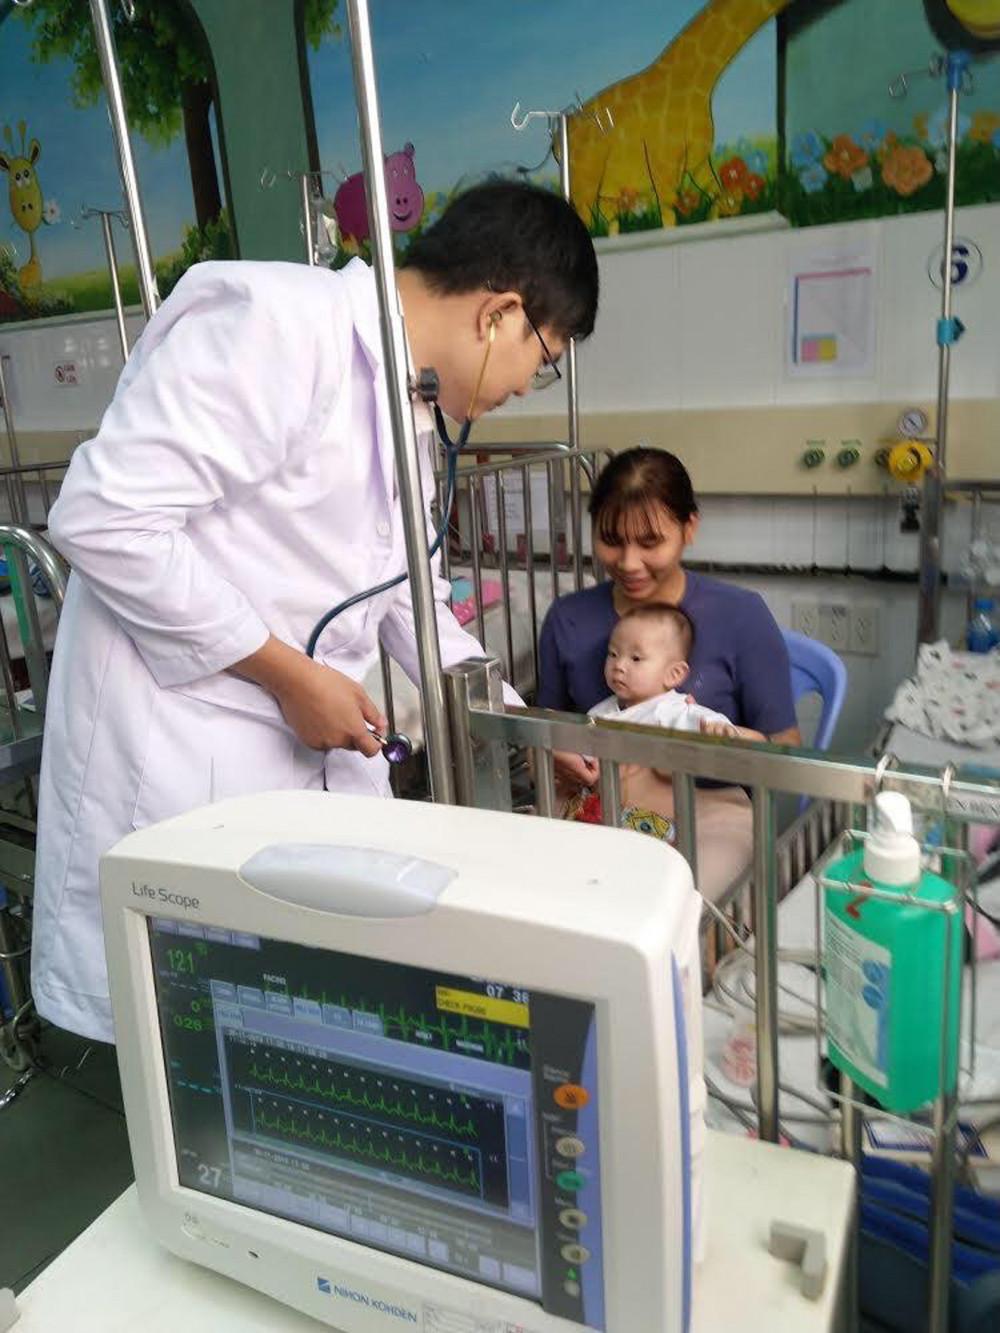 Bệnh nhi nhỏ tuổi nhất, nhẹ ký nhất bị rối loạn nhịp kèm tim bẩm sinh nặng được bác sĩ Bệnh viện Nhi Đồng 1 cứu sống bằng kỹ thuật đốt ổ rối loạn nhịp